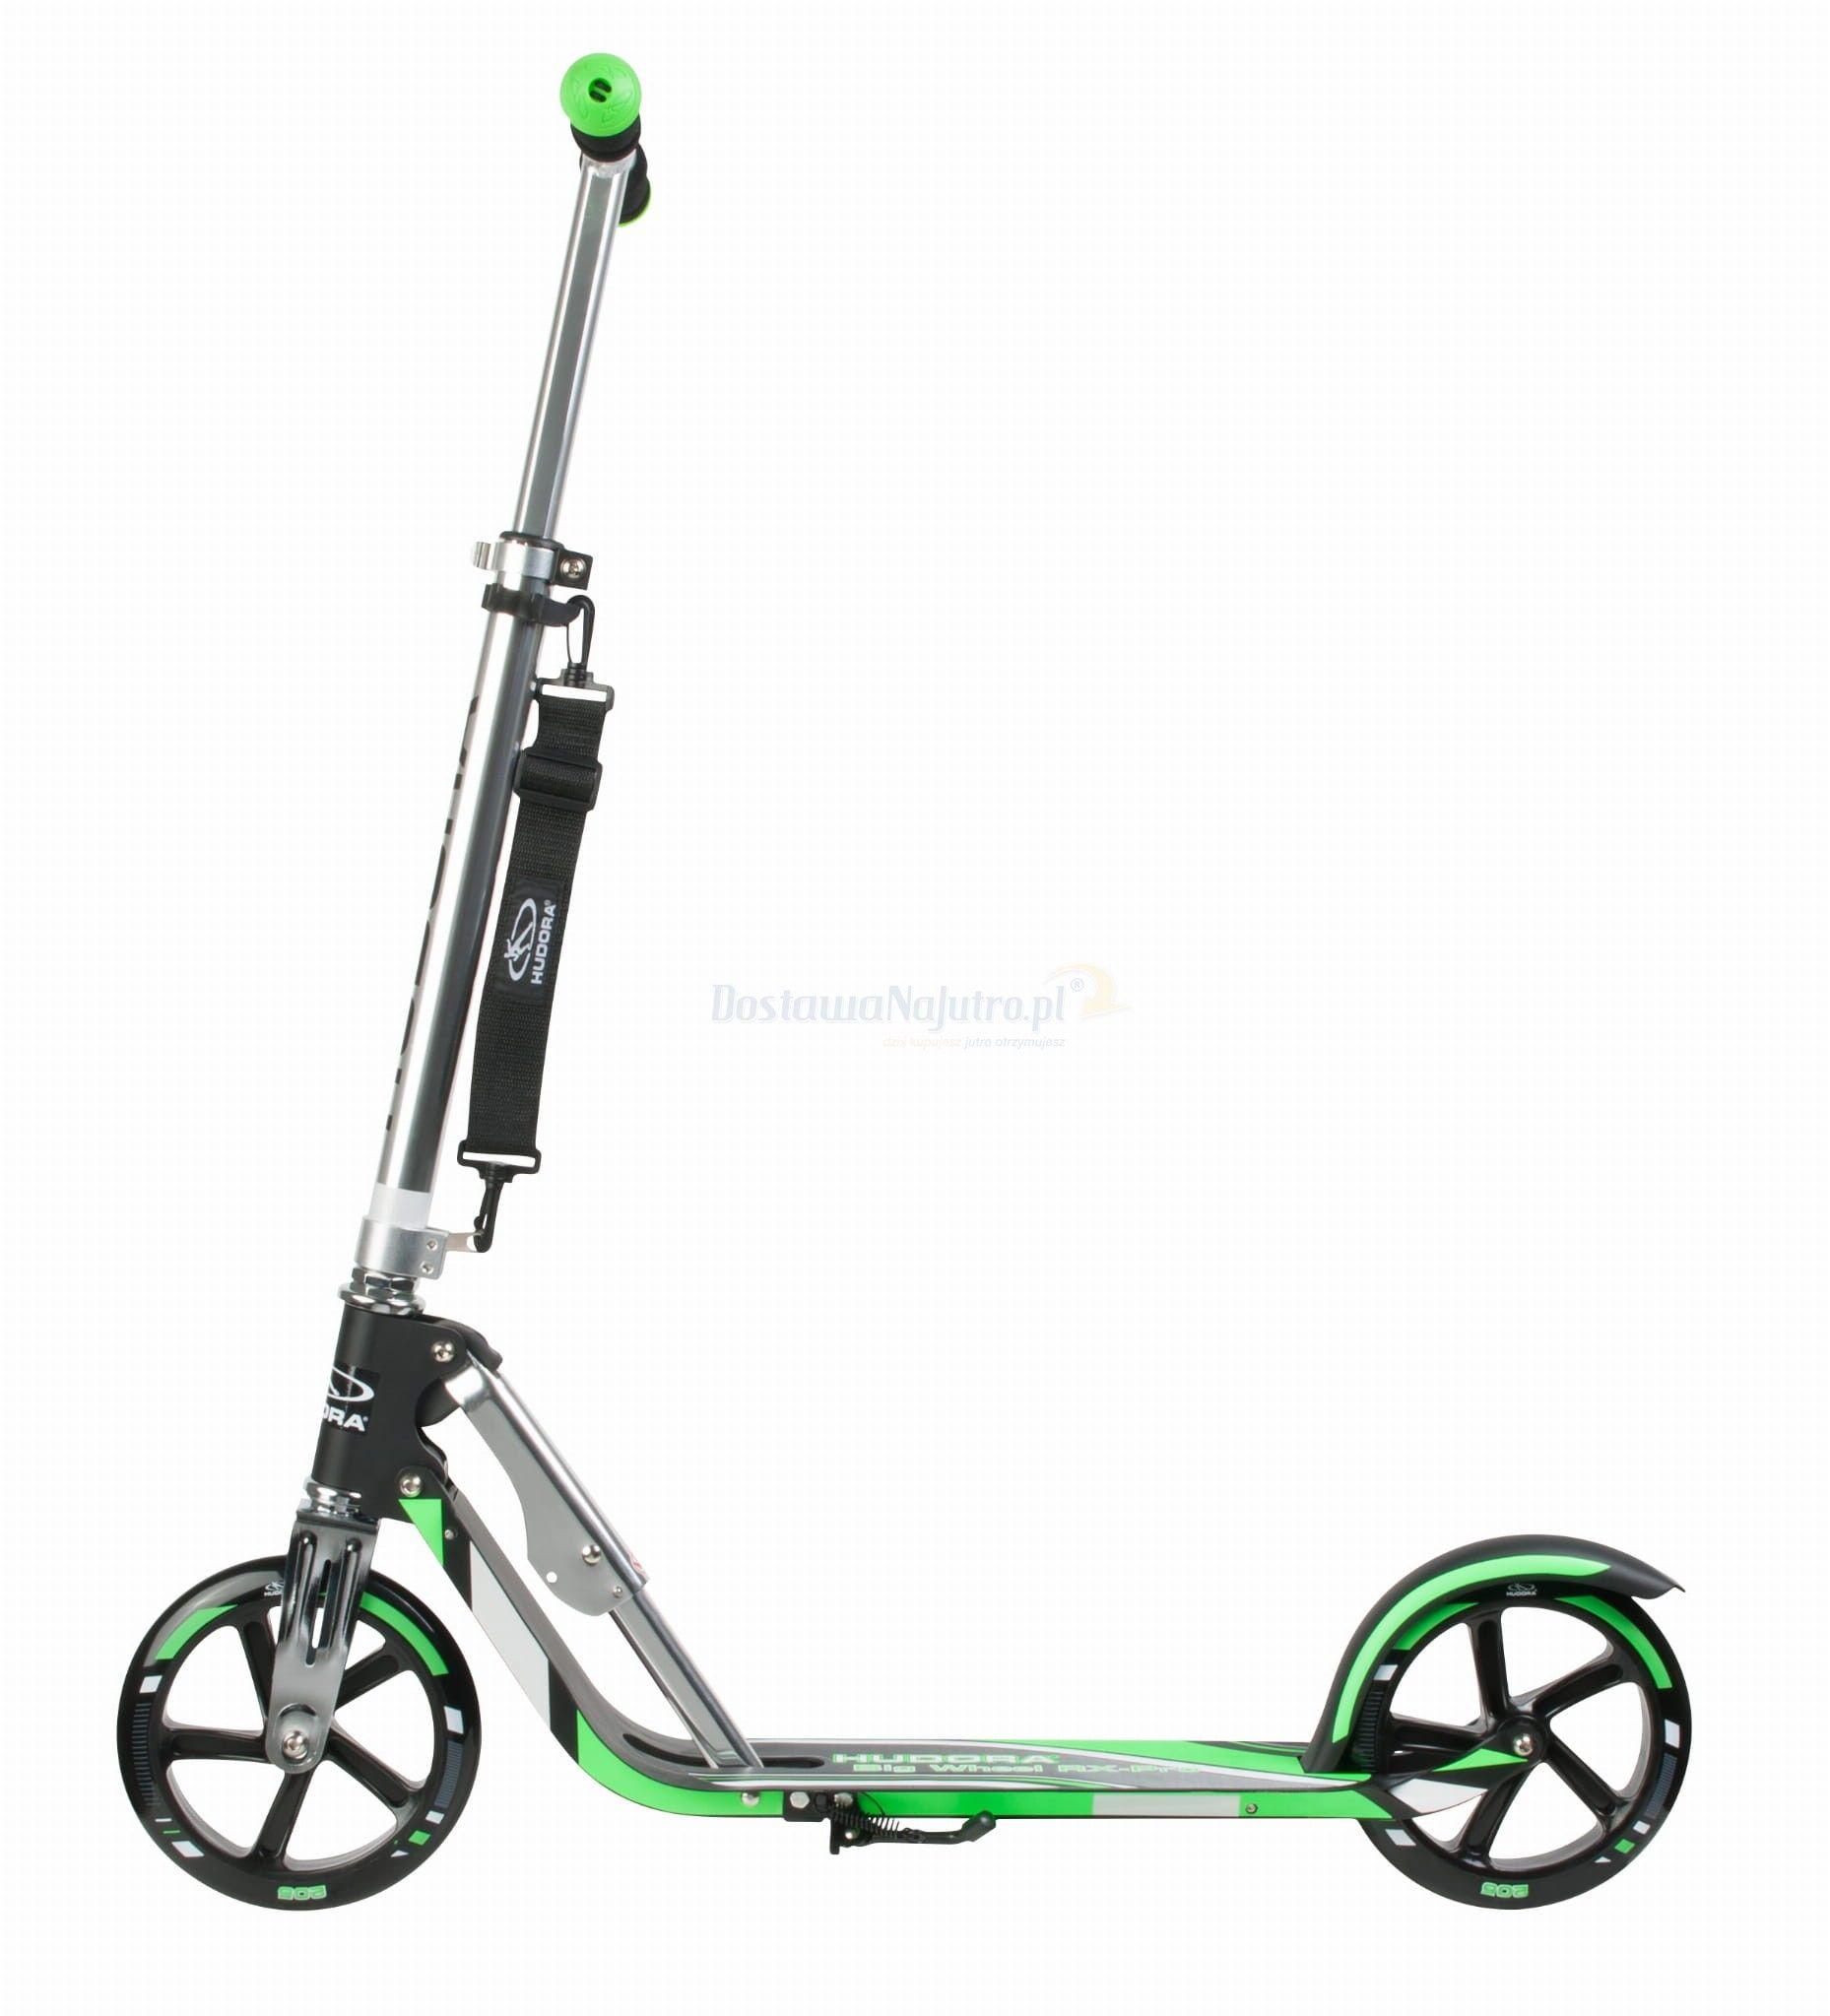 Hulajnoga HUDORA Big Wheel GS 205 czarno-zielona 100kg XXL SKŁADANA